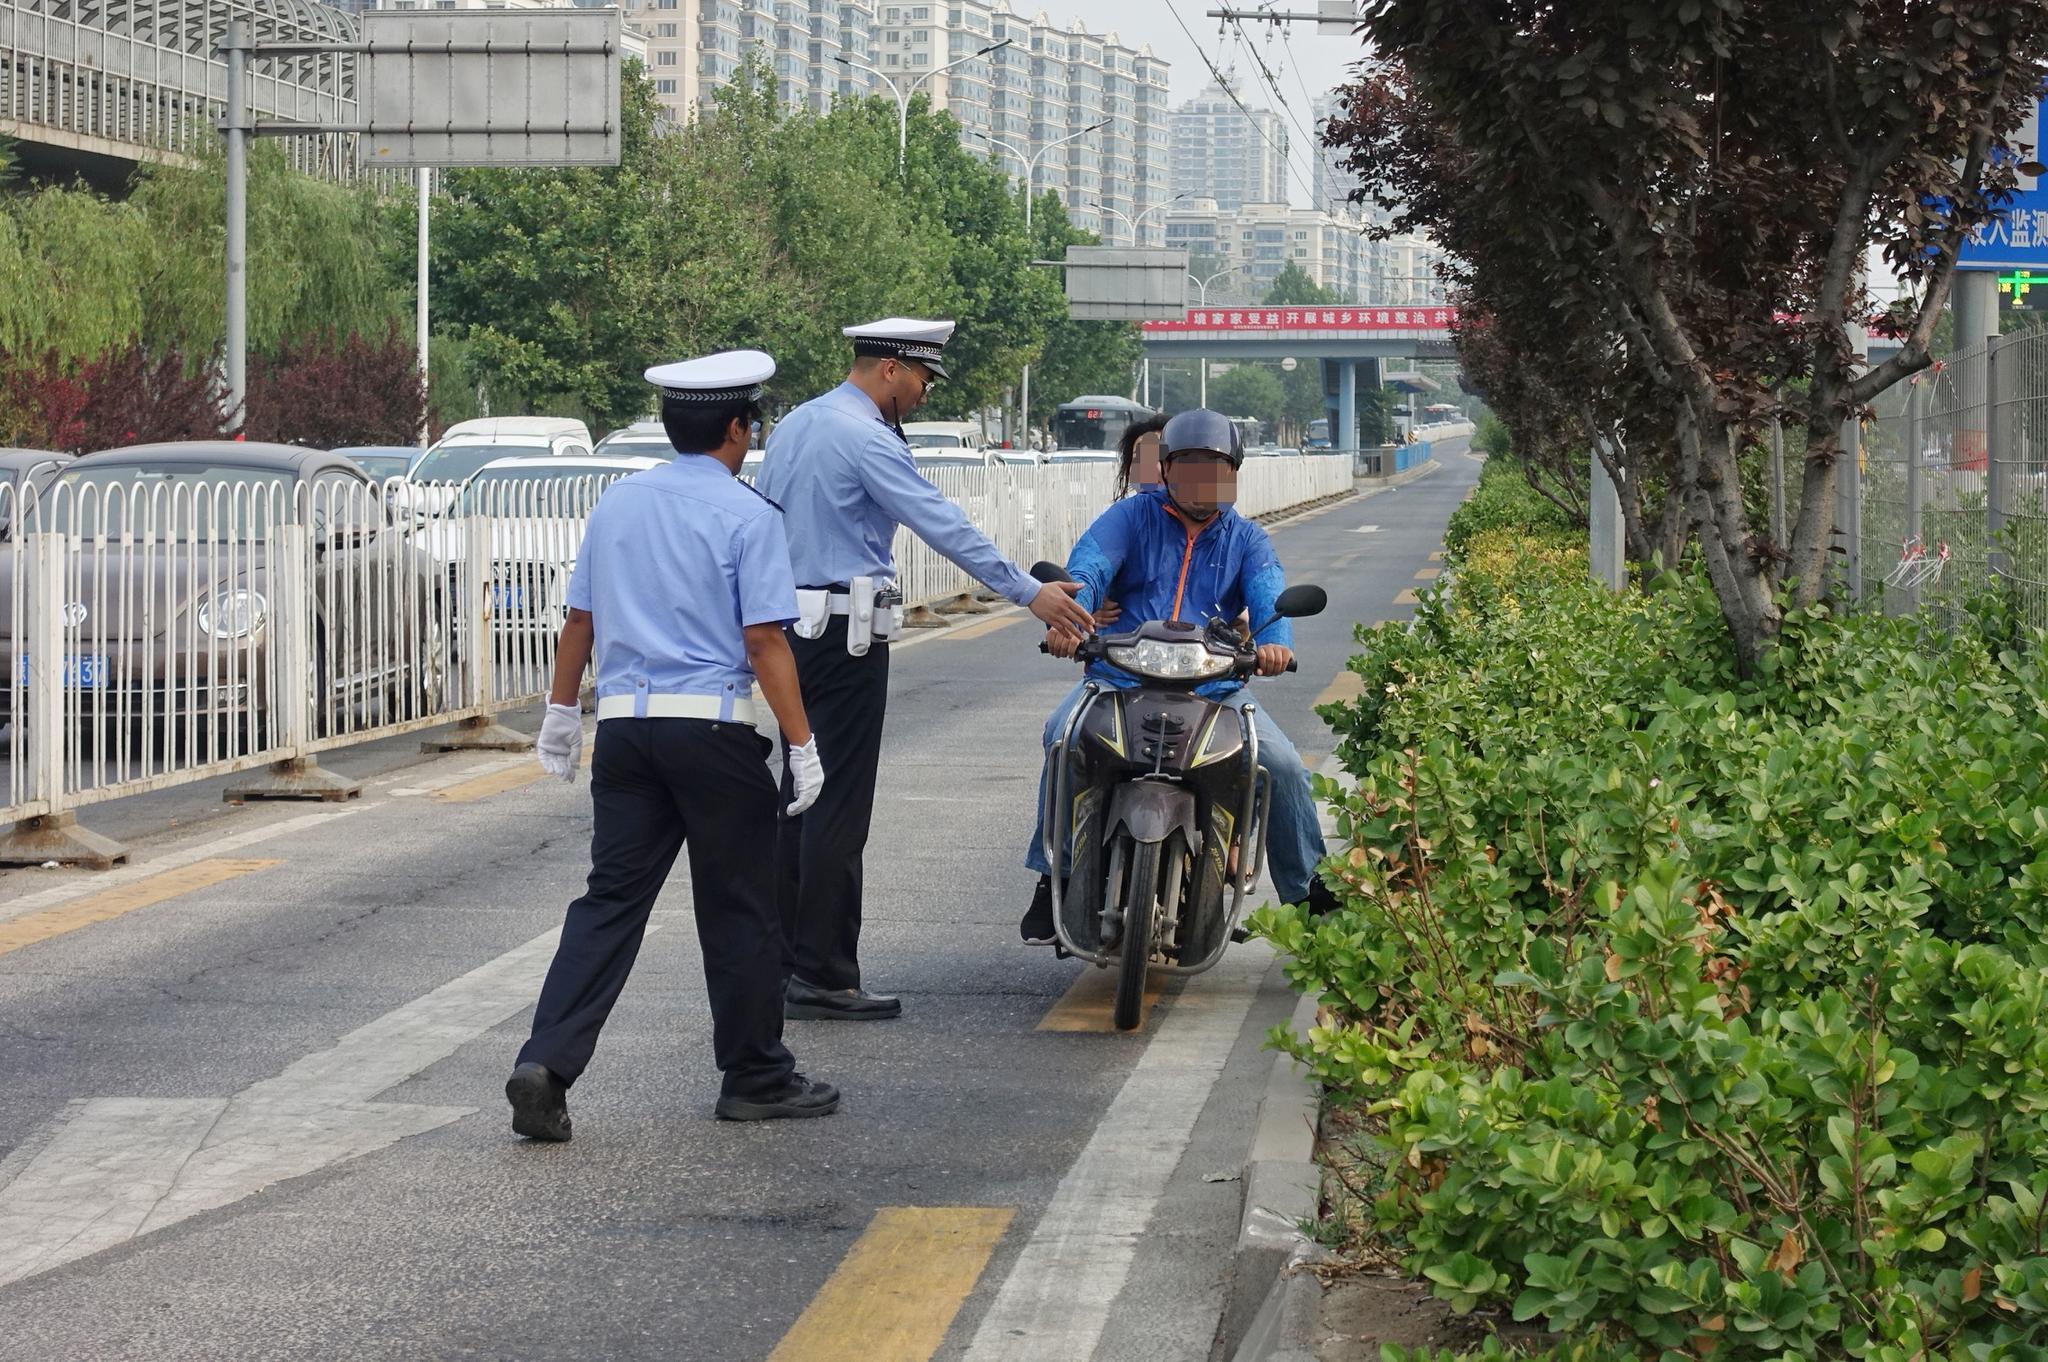 摩托车电动车闯入天通苑公交专用道 今早交警处罚十余辆|摩托车|交警|电动车